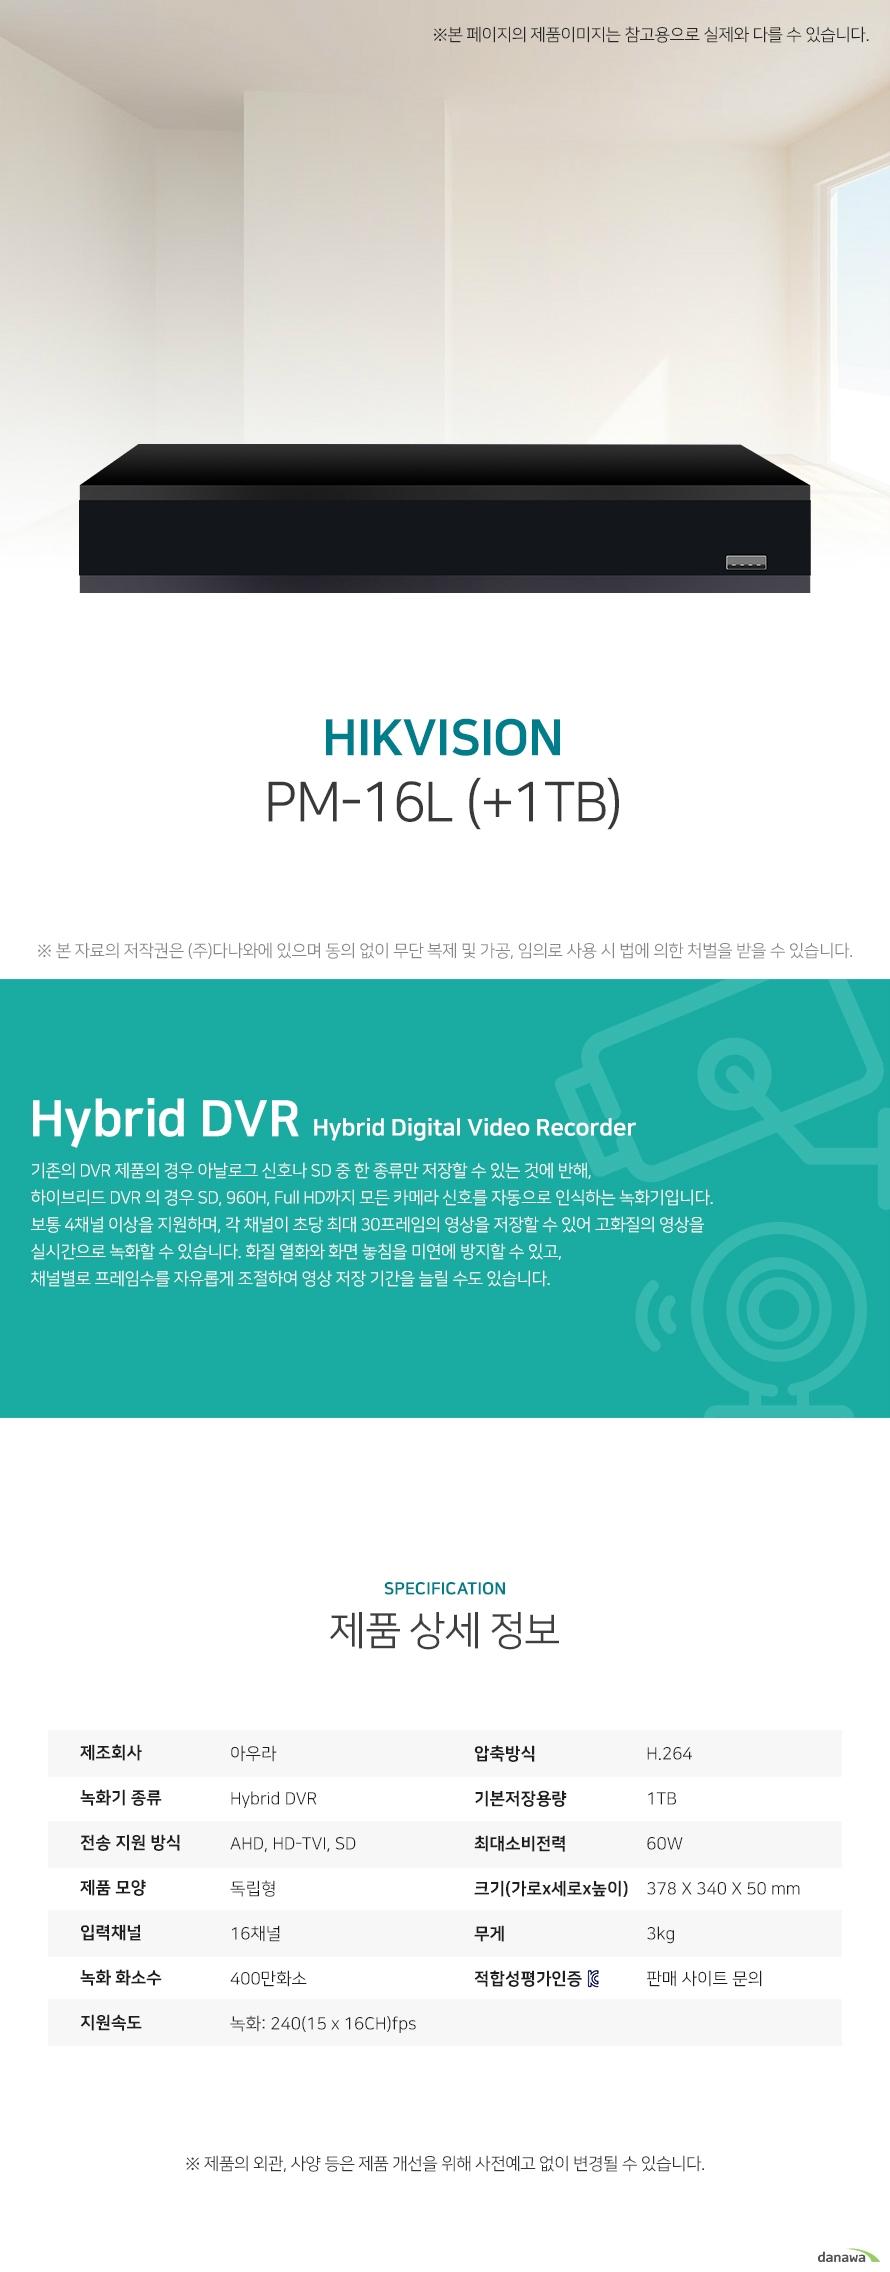 아우라 PM-08L (+1TB) 상세 스펙 Hybrid DVR / AHD / HD-TVI / SD / 독립형 / 8채널 / 400만화소 / 녹화: 96(12 x 8CH)fps / 압축방식: H.264 / 기본저장용량: 1TB / 스마트폰지원 / USB 백업 / 24W / 가로: 300mm / 세로: 227mm / 높이: 53mm / 무게: 2kg